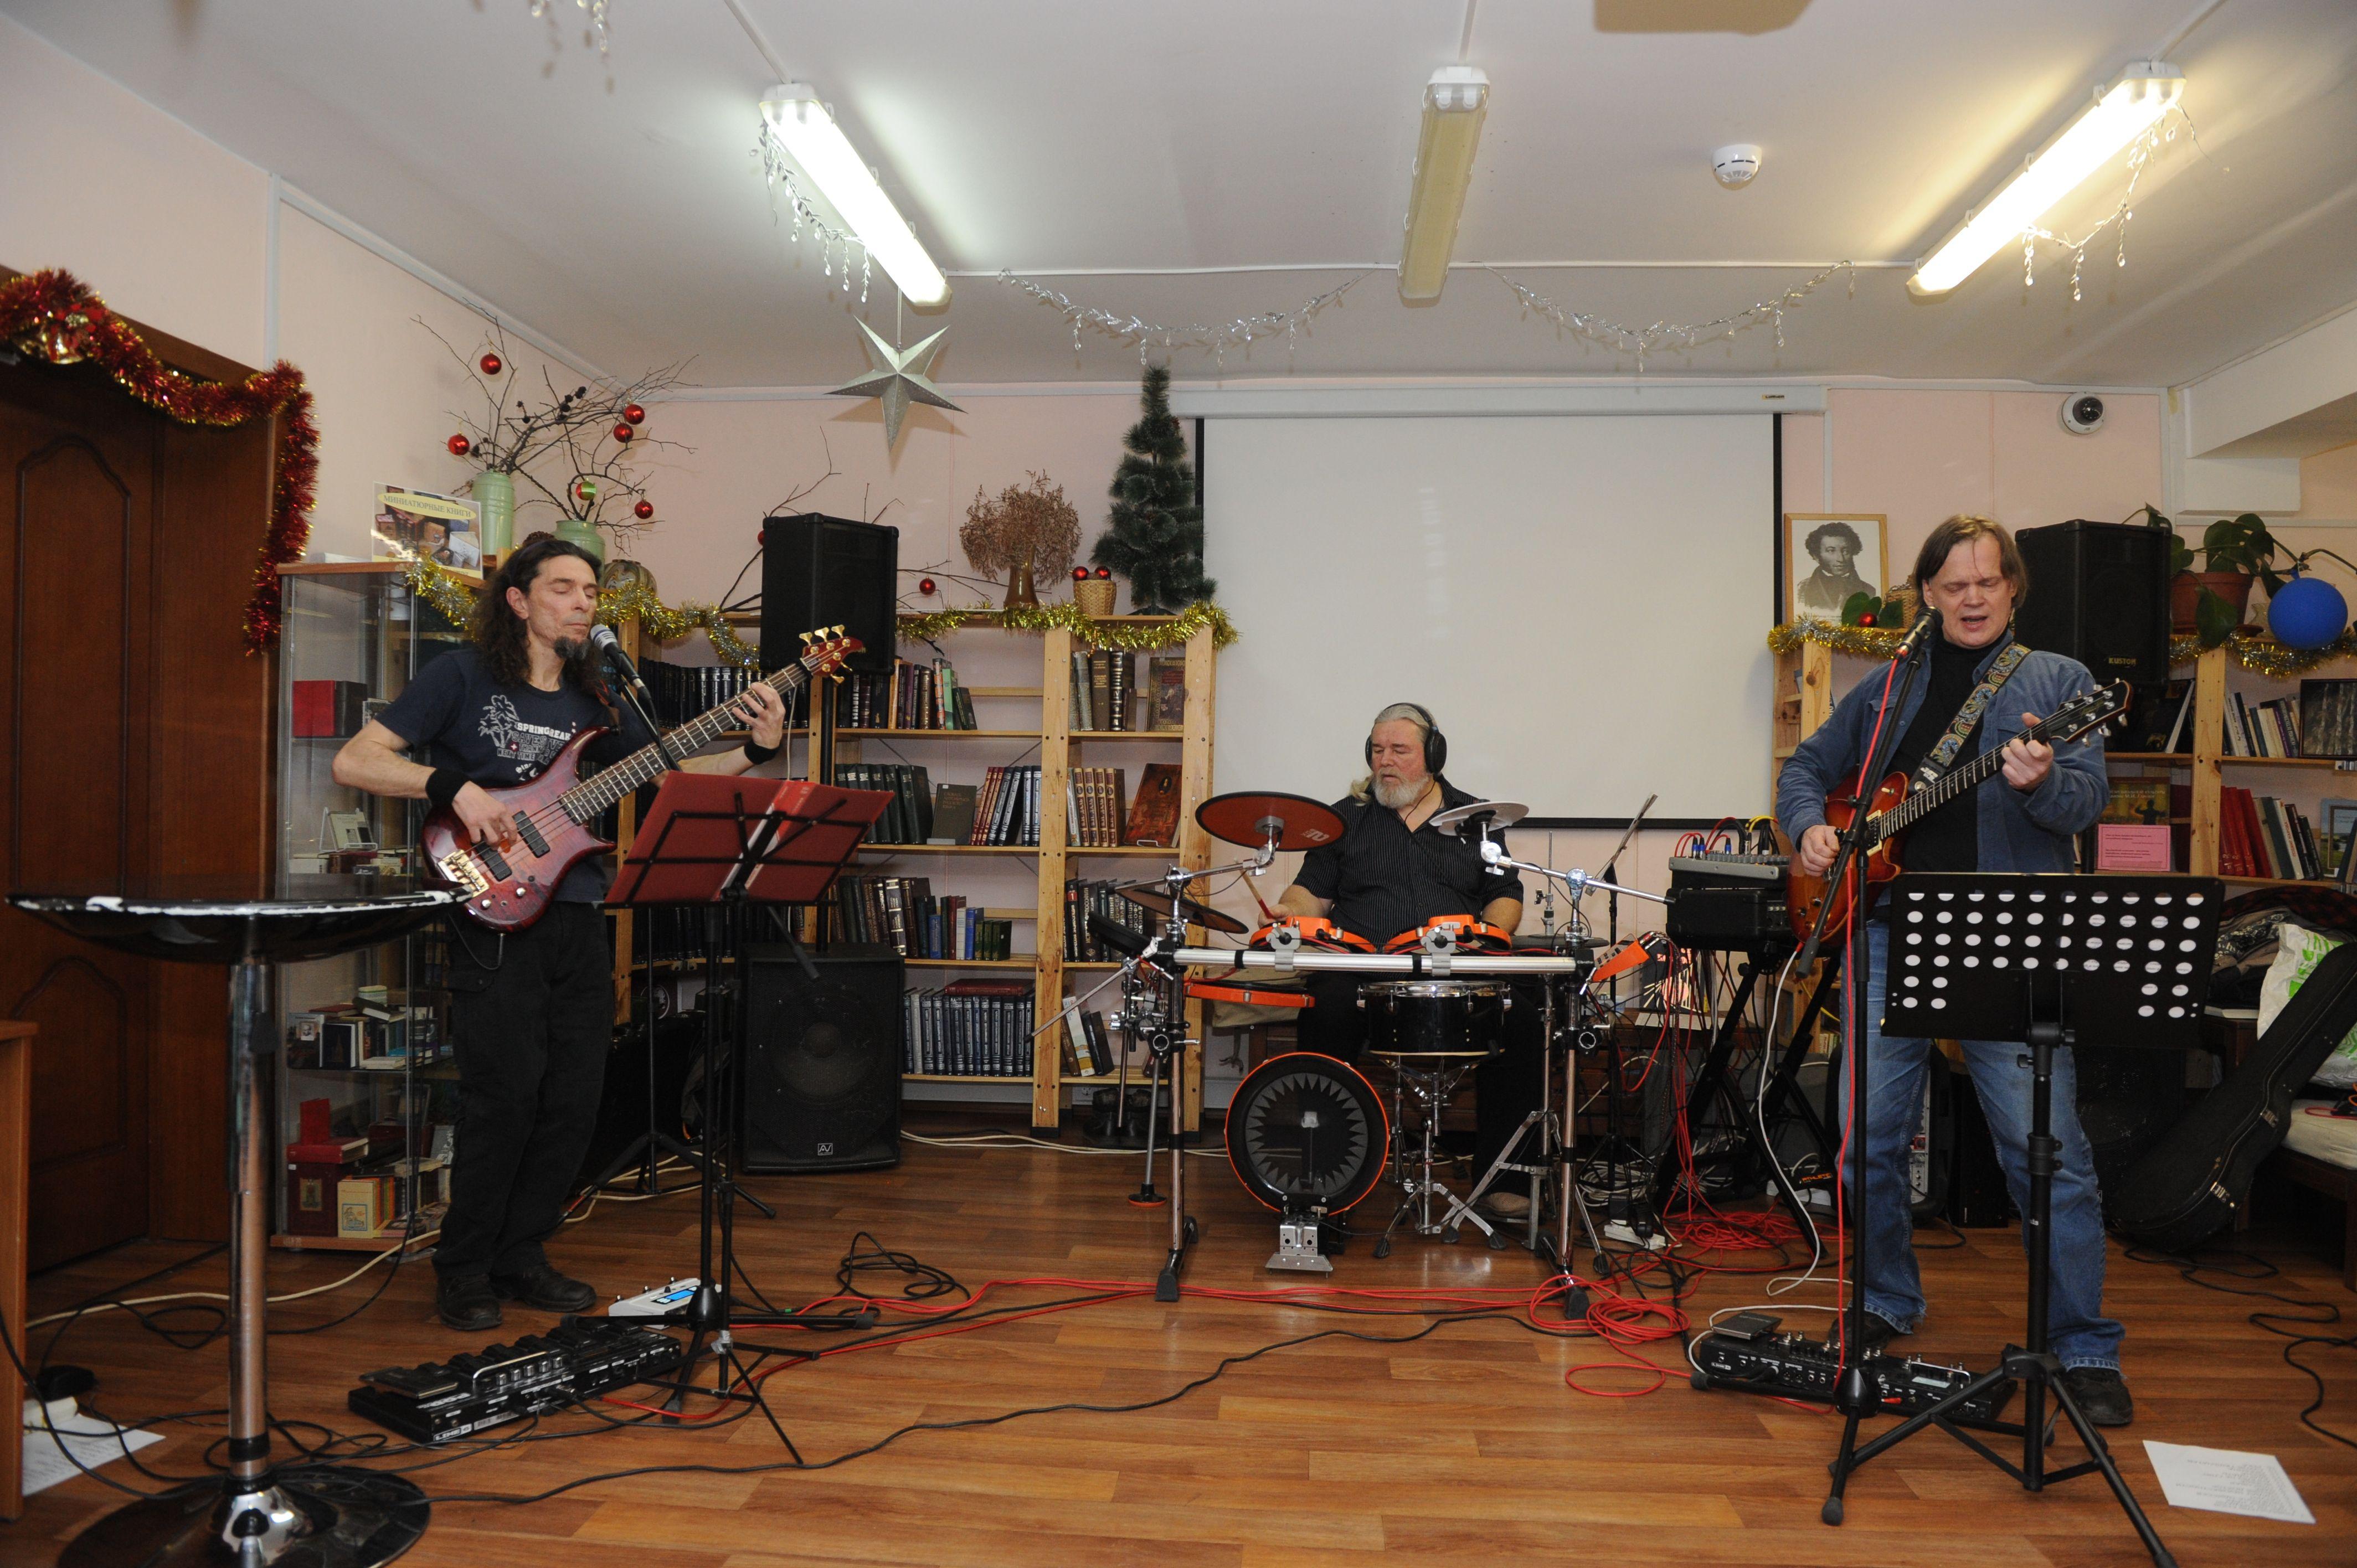 Жители Московского услышали новые композиции местной рок-группы